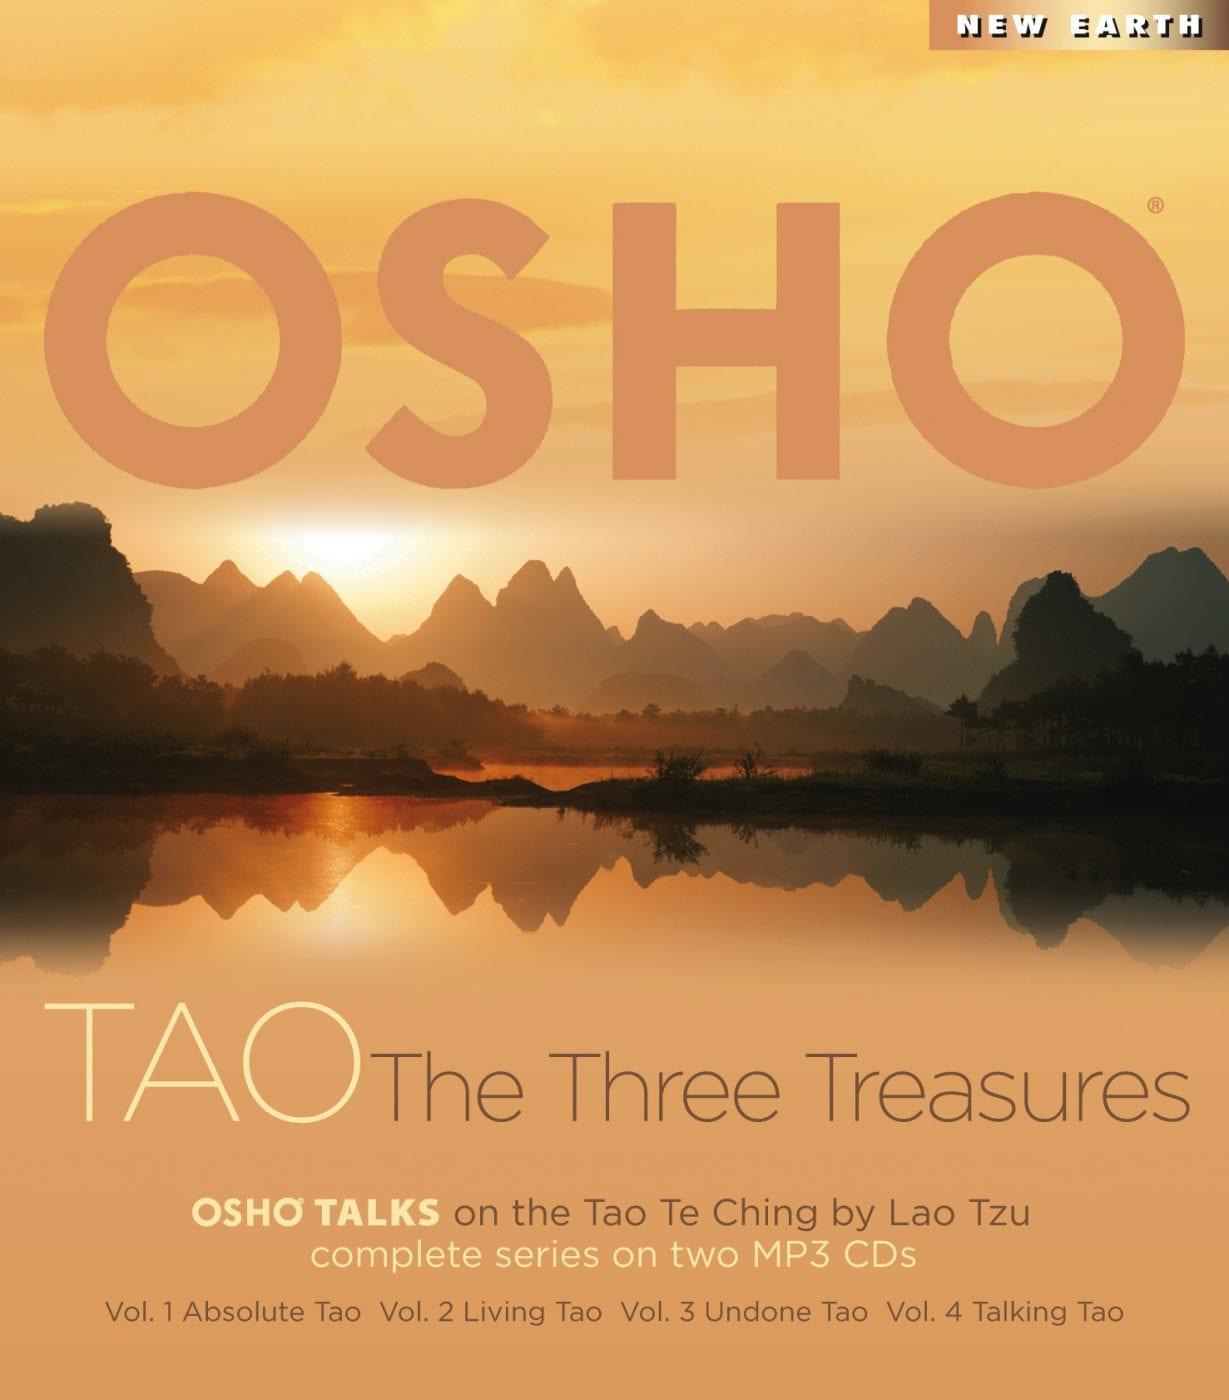 TAO: The Three Treasures